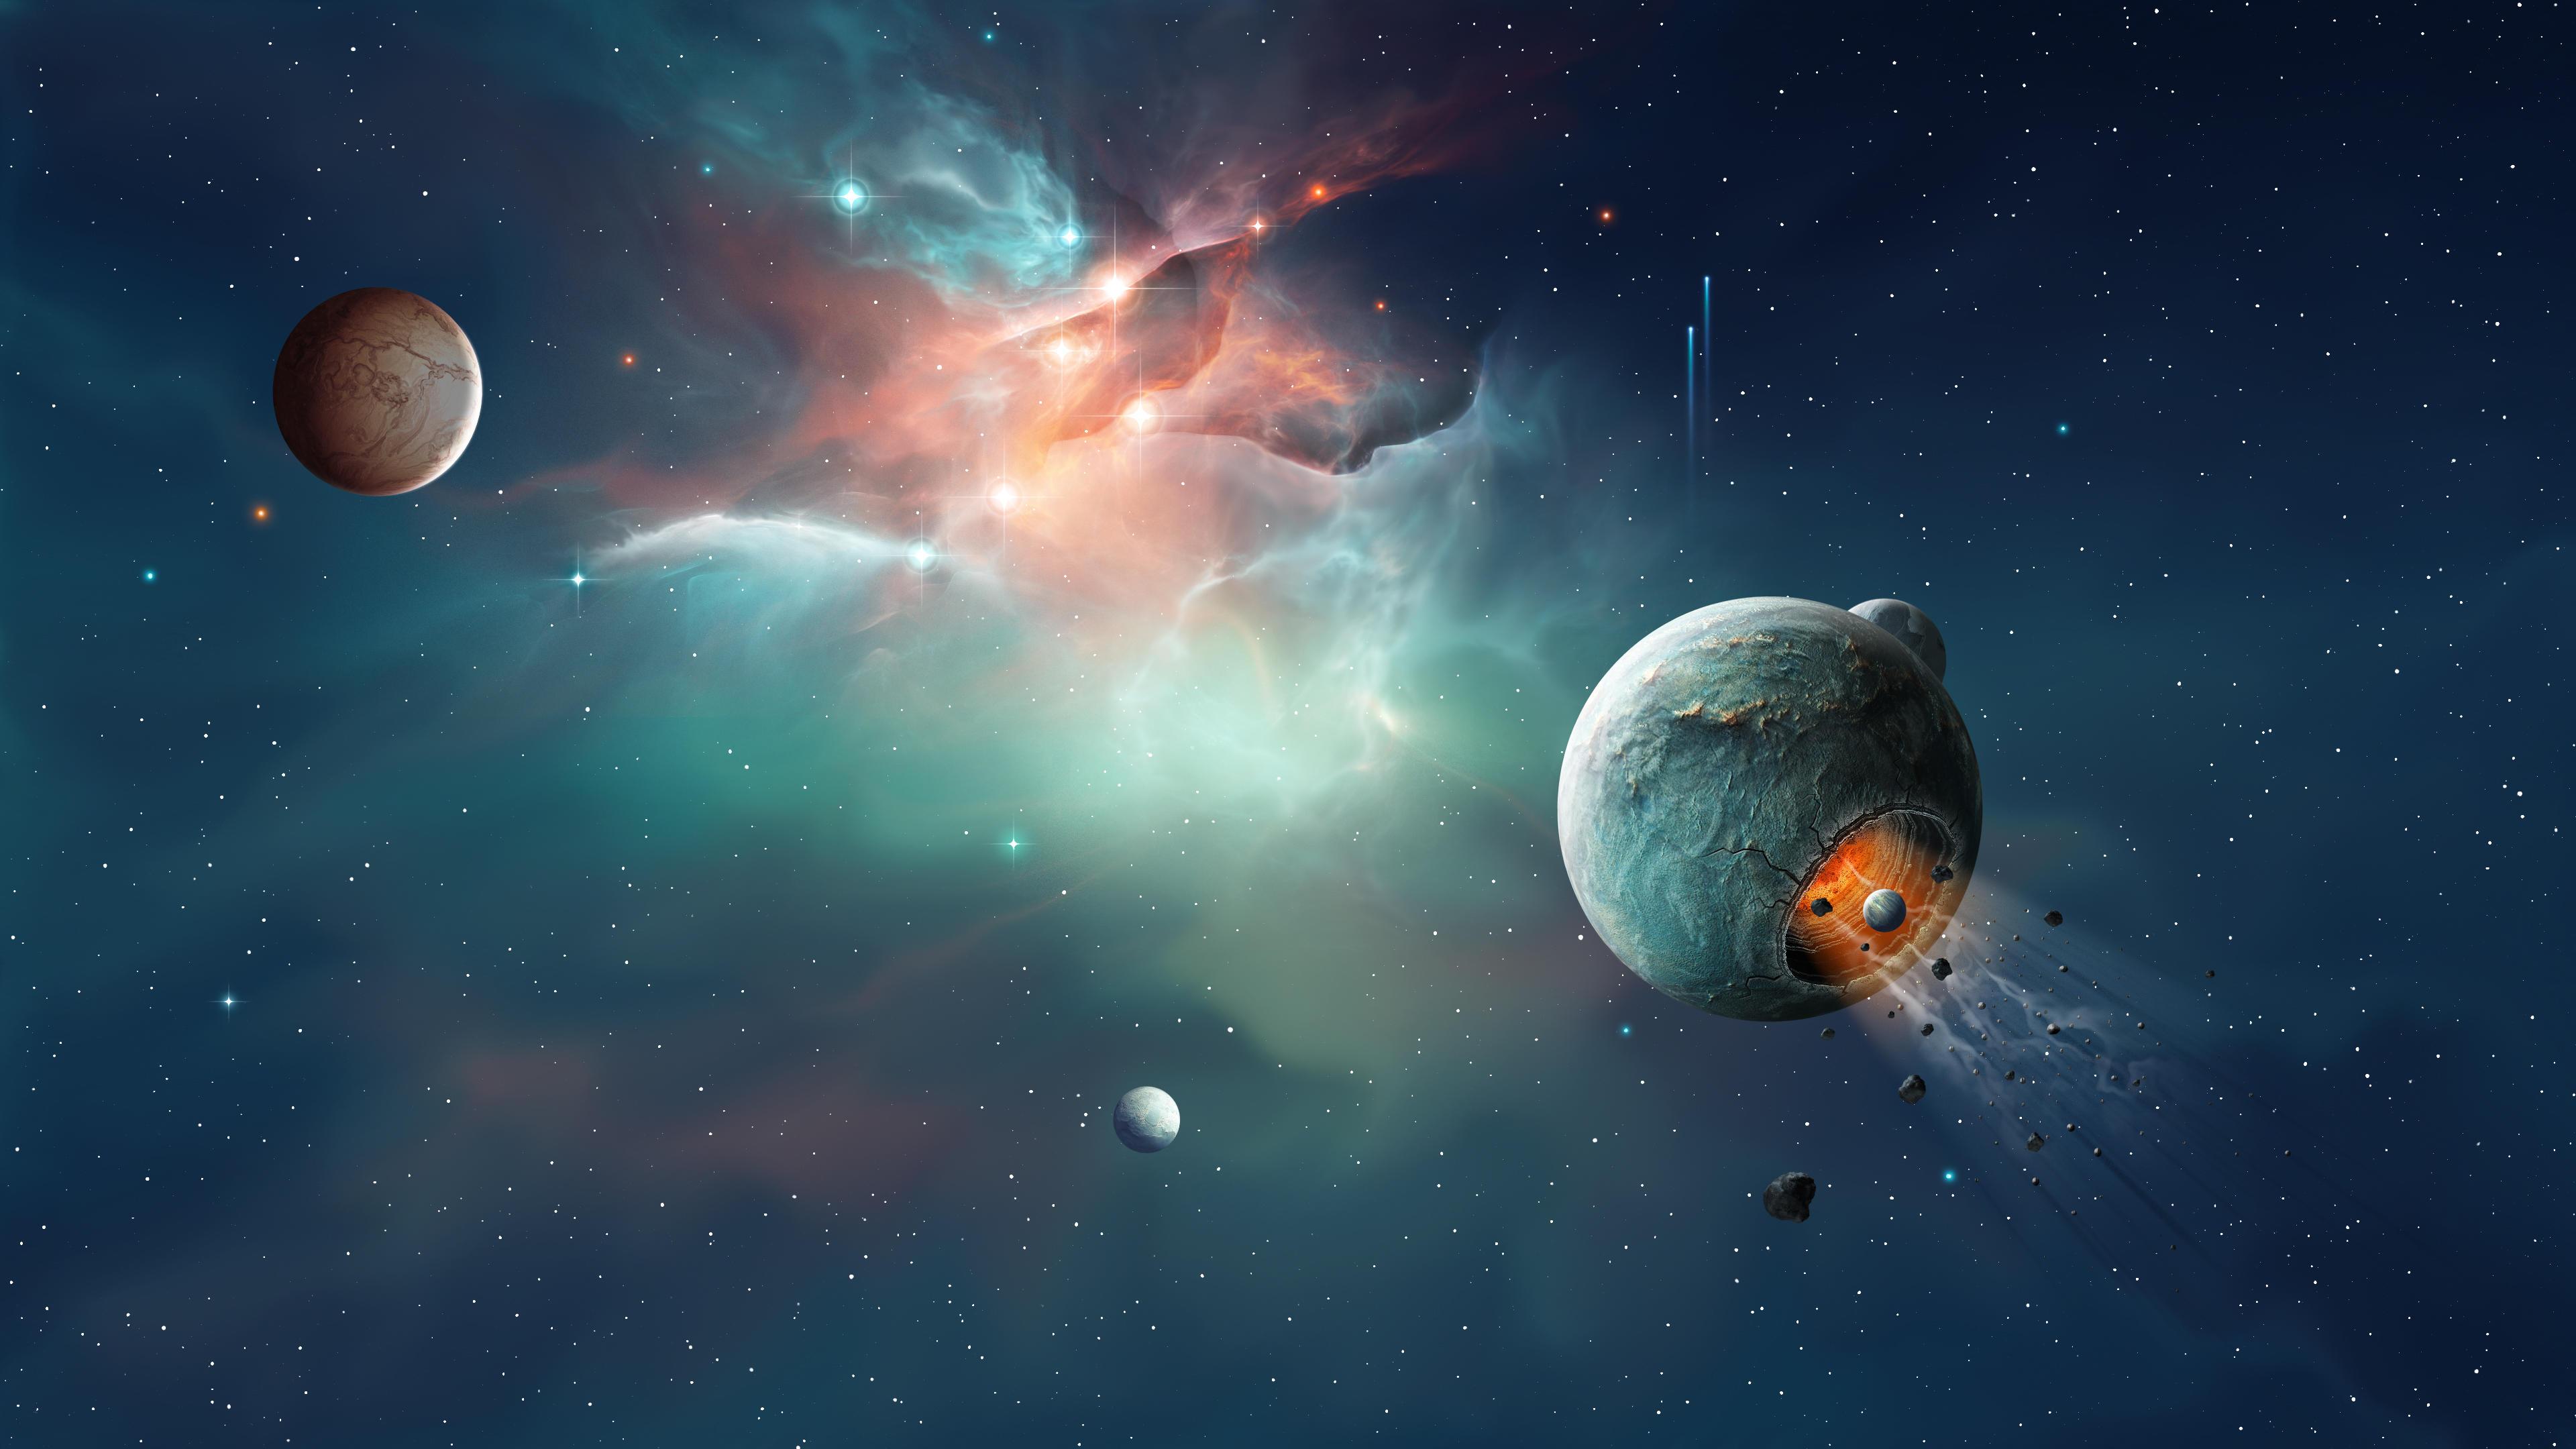 обои космос, планеты, вселенная картинки фото